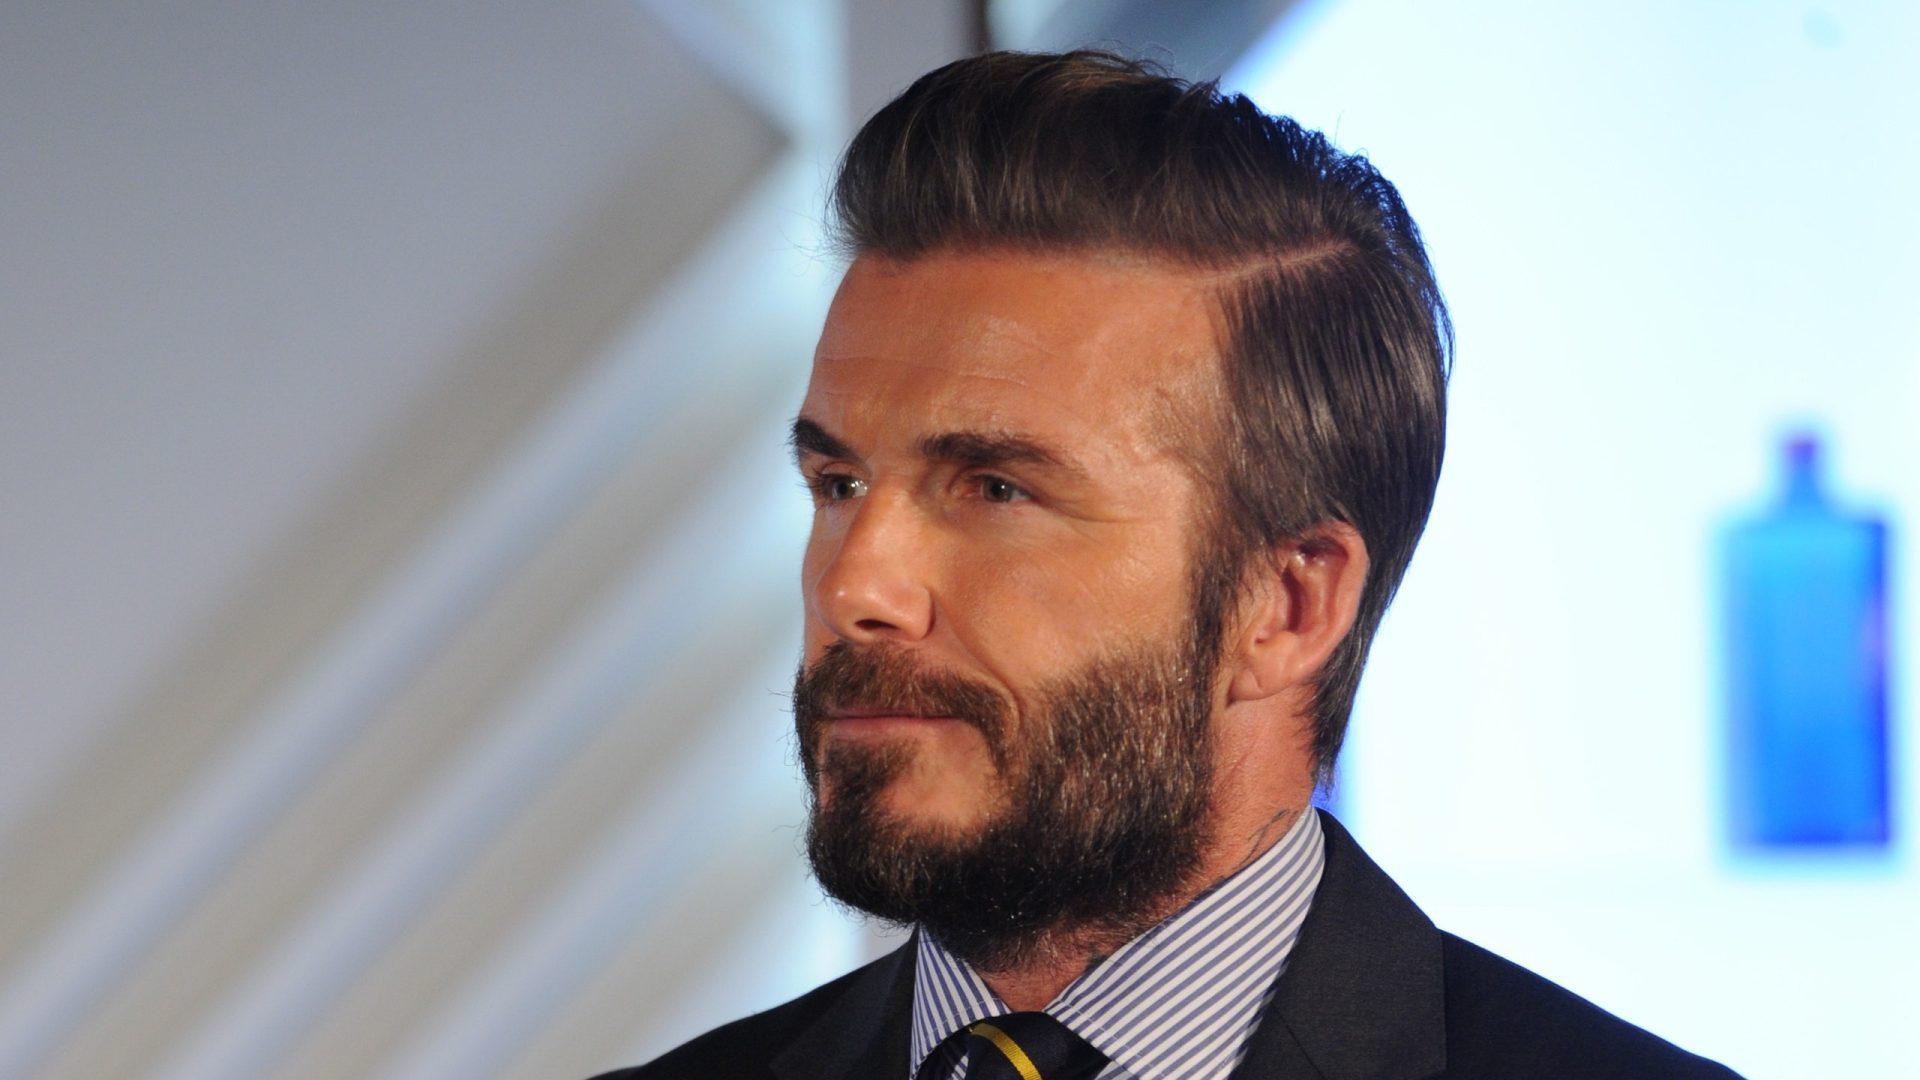 Le Slick hair : Le look rétro qui s'invite sur toutes les têtes